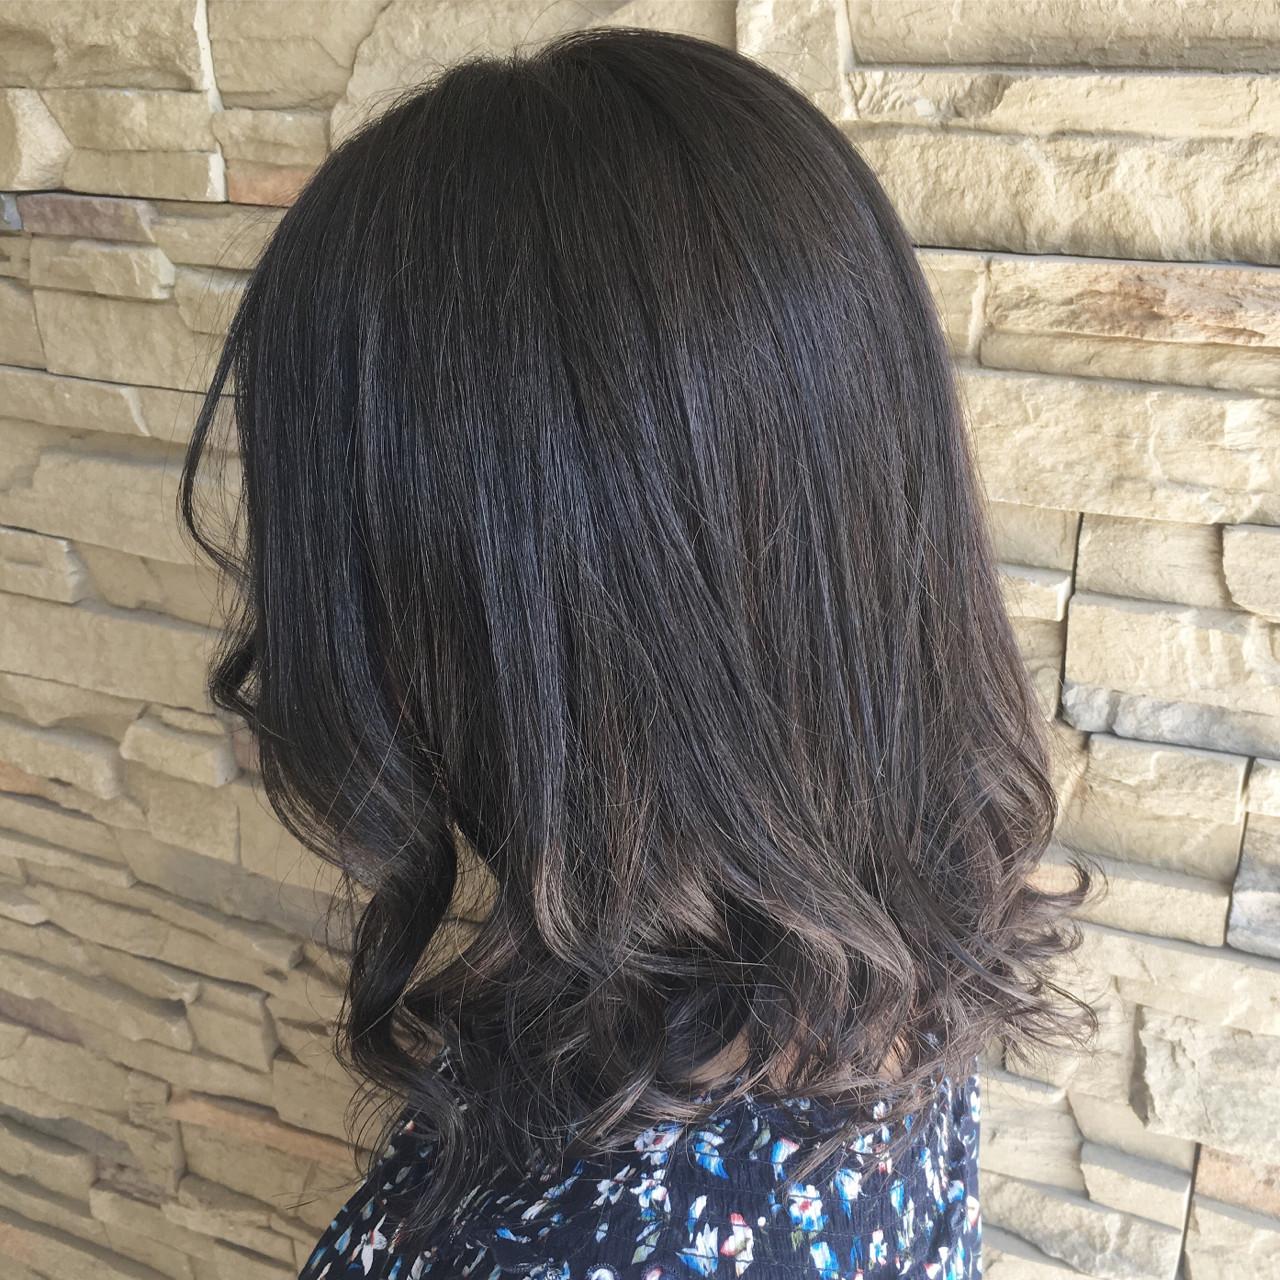 アッシュ 外国人風 暗髪 大人かわいい ヘアスタイルや髪型の写真・画像